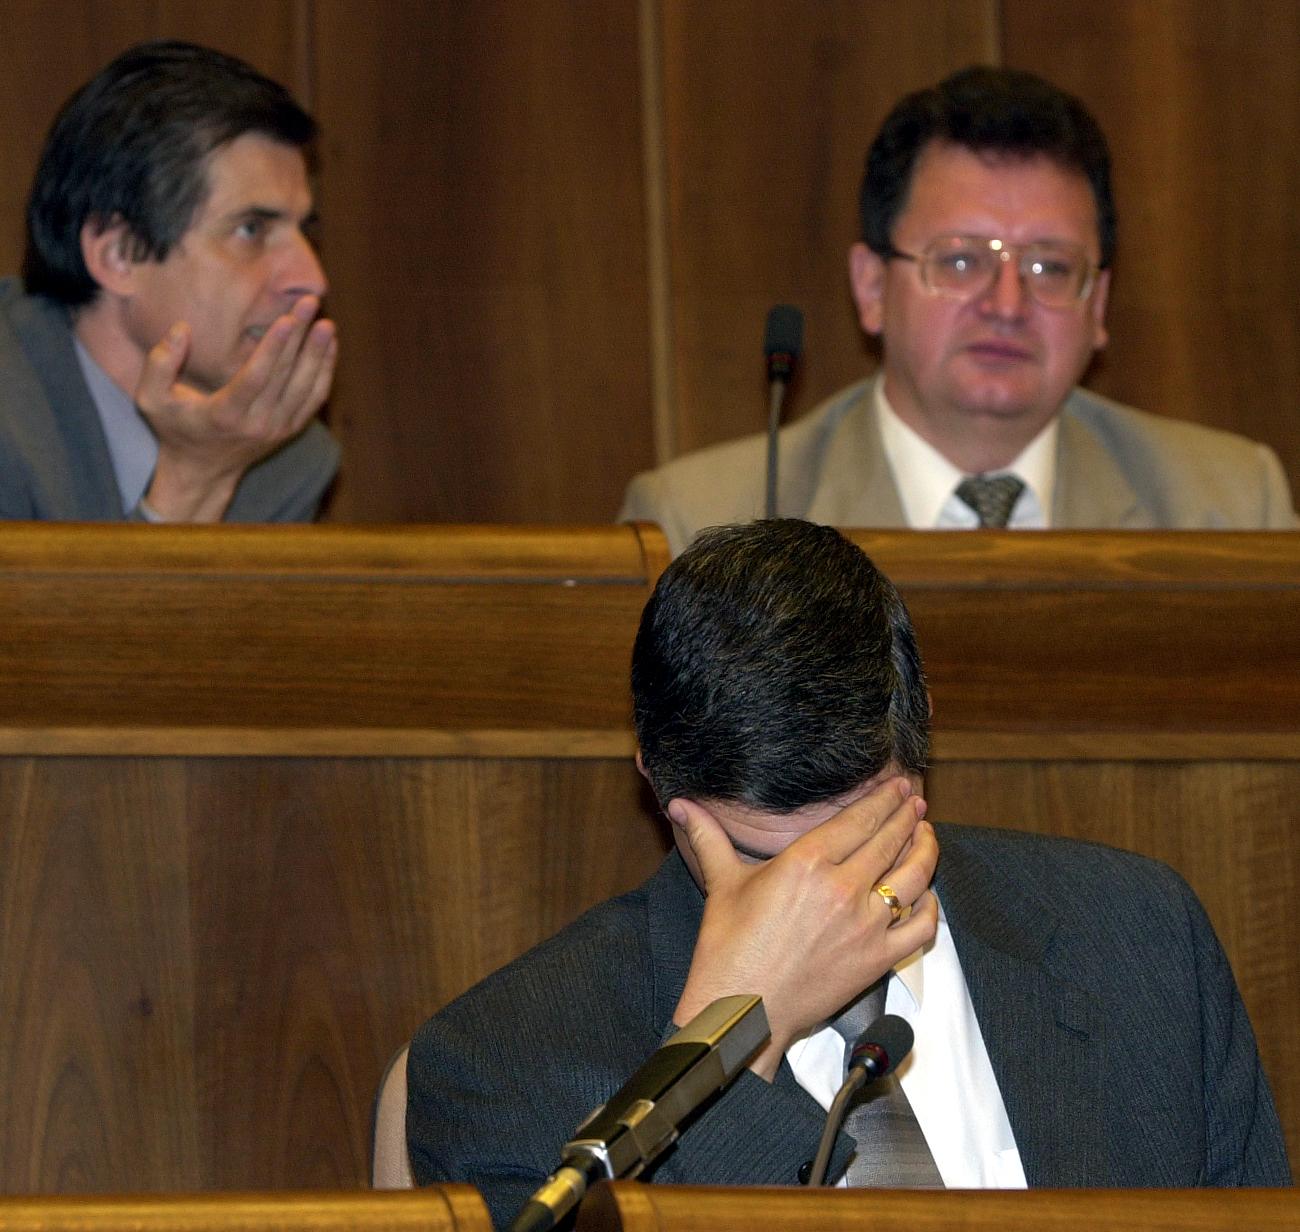 Piaty rokovací deò 48. schôdze Národnej rady SR v Bratislave 16. mája 2001. Zasadnutie viedol podpredseda parlamentu Béla Bugár (na sn. dole). Foto: Ivan Majerský/TASR